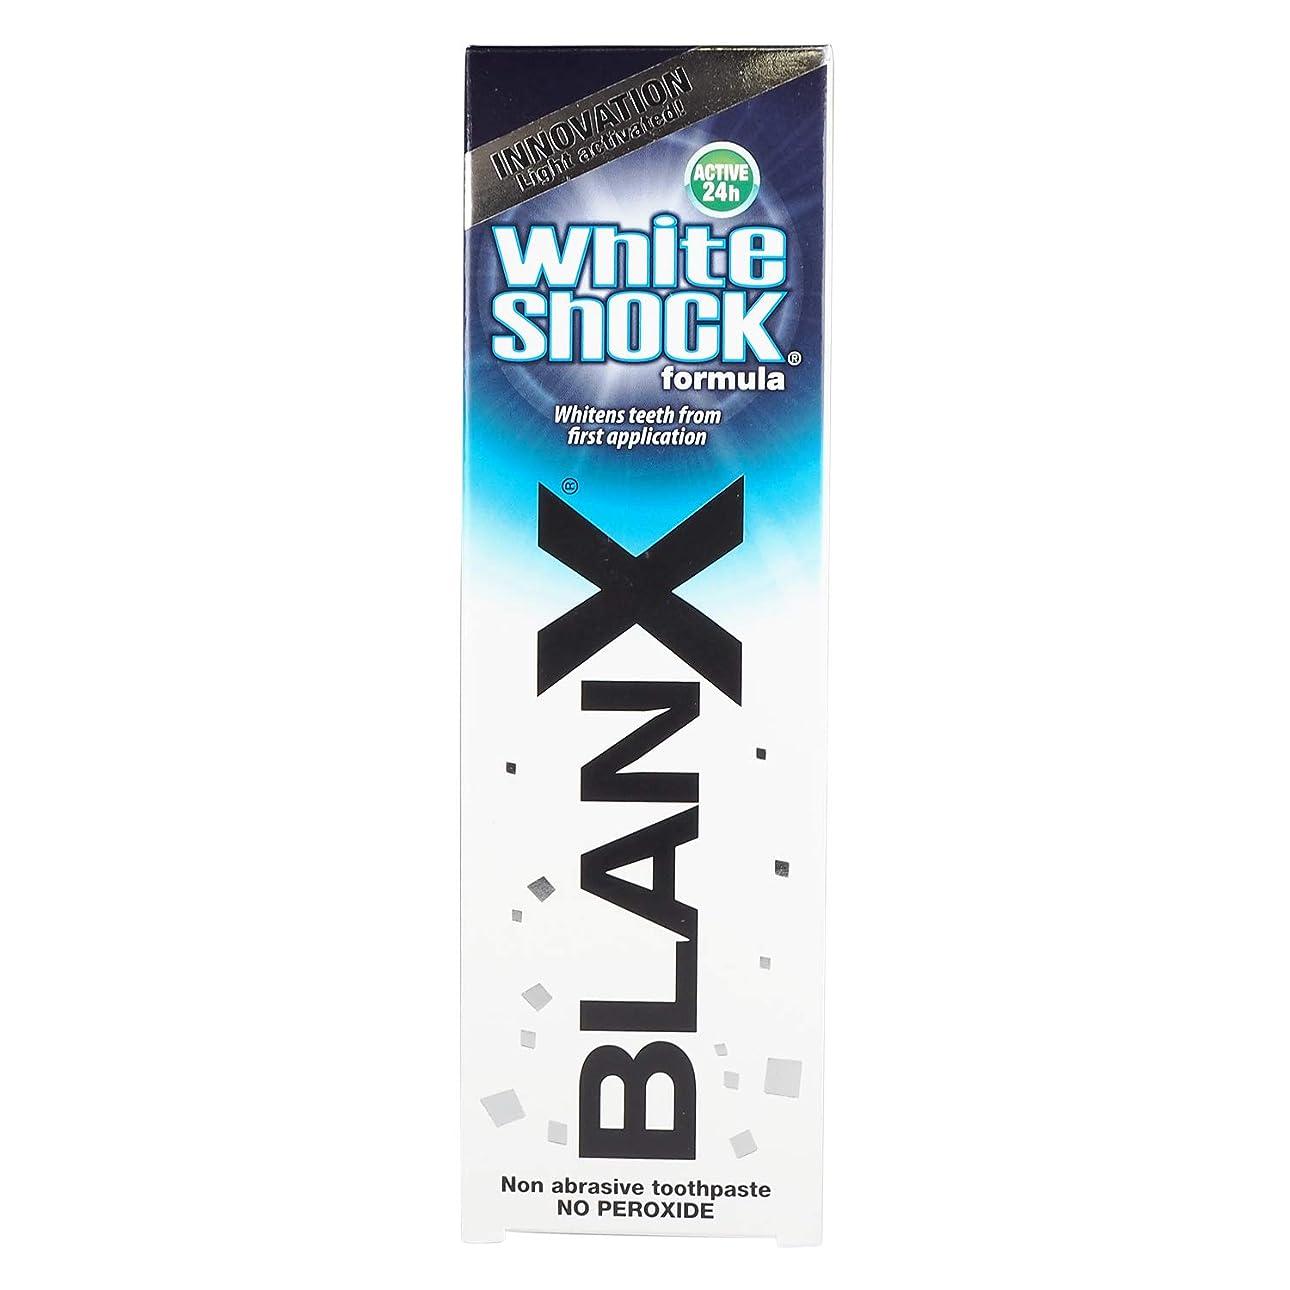 文句を言う僕の生活ブランクス ホワイトショック 92g